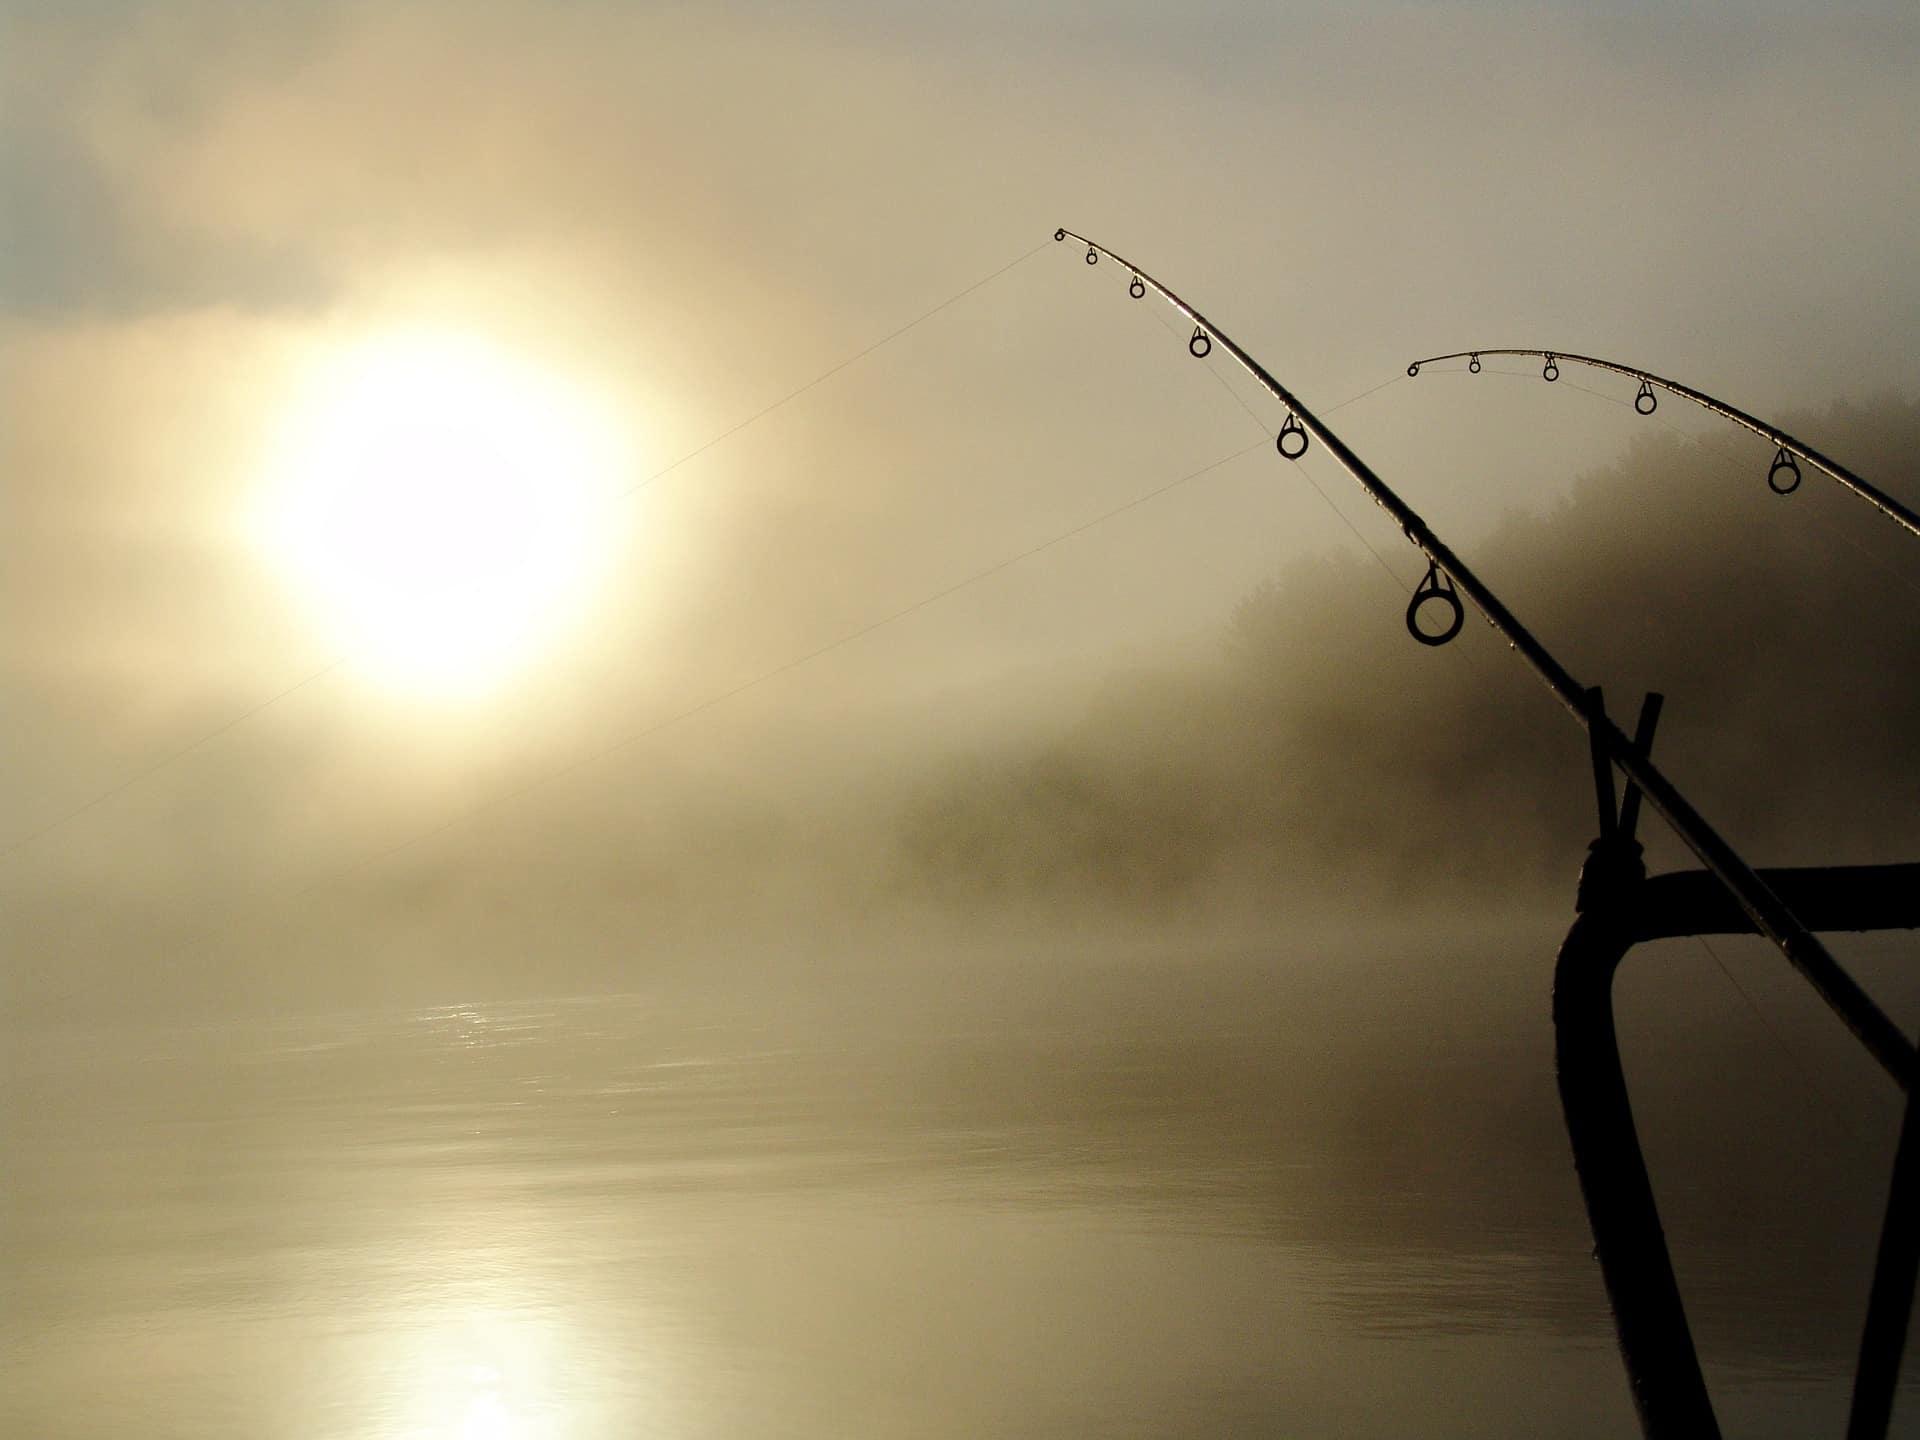 Angelschein Wismar - Angelruten am nebeligen See